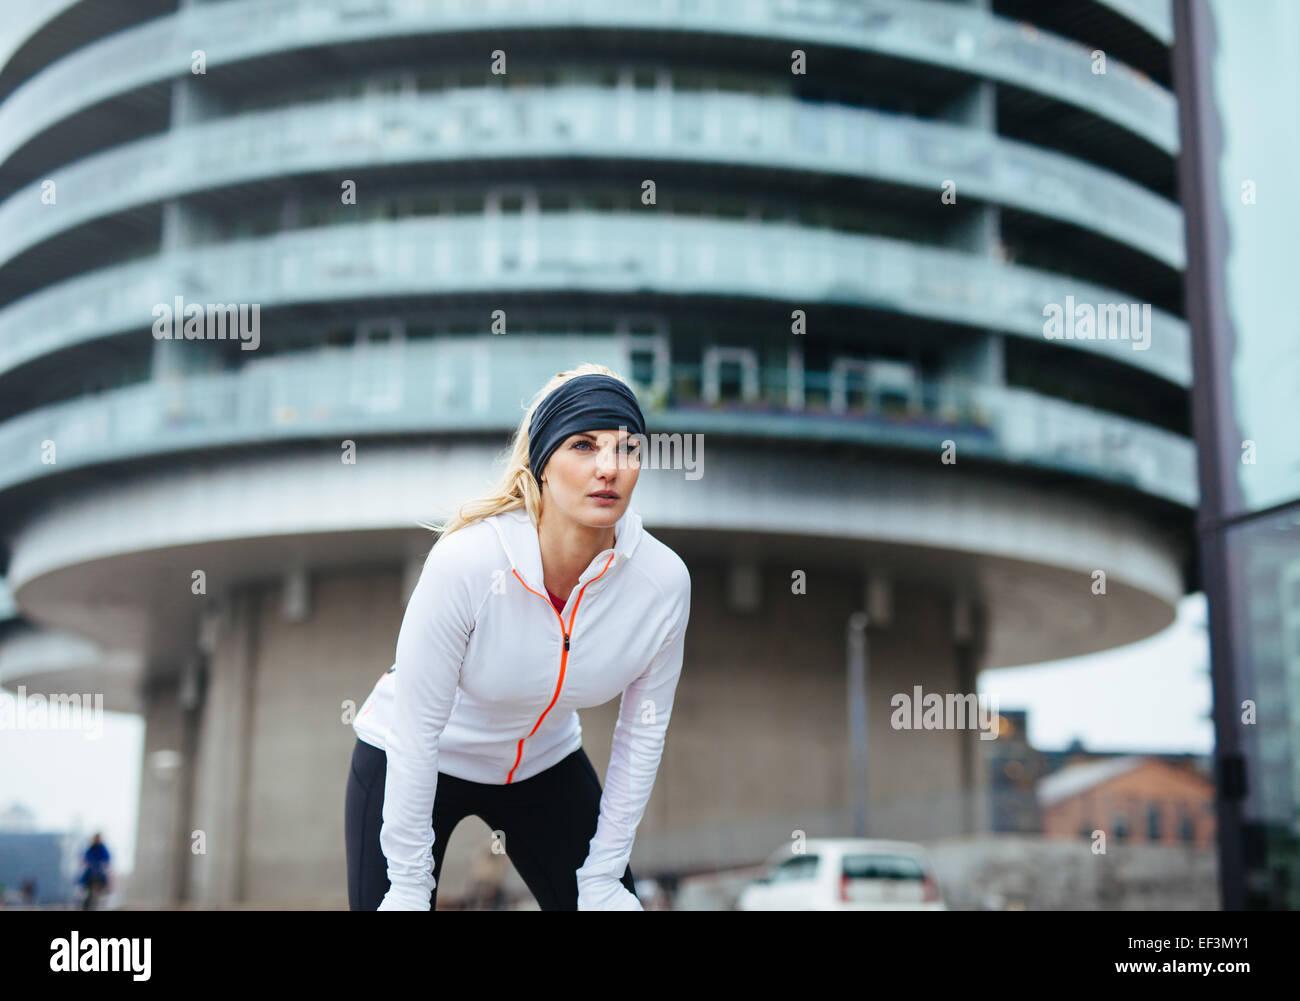 Giovane donna su sport esercizio di allenamento all'aperto. Femmina atleta di fitness che lavora fuori per uno Immagini Stock